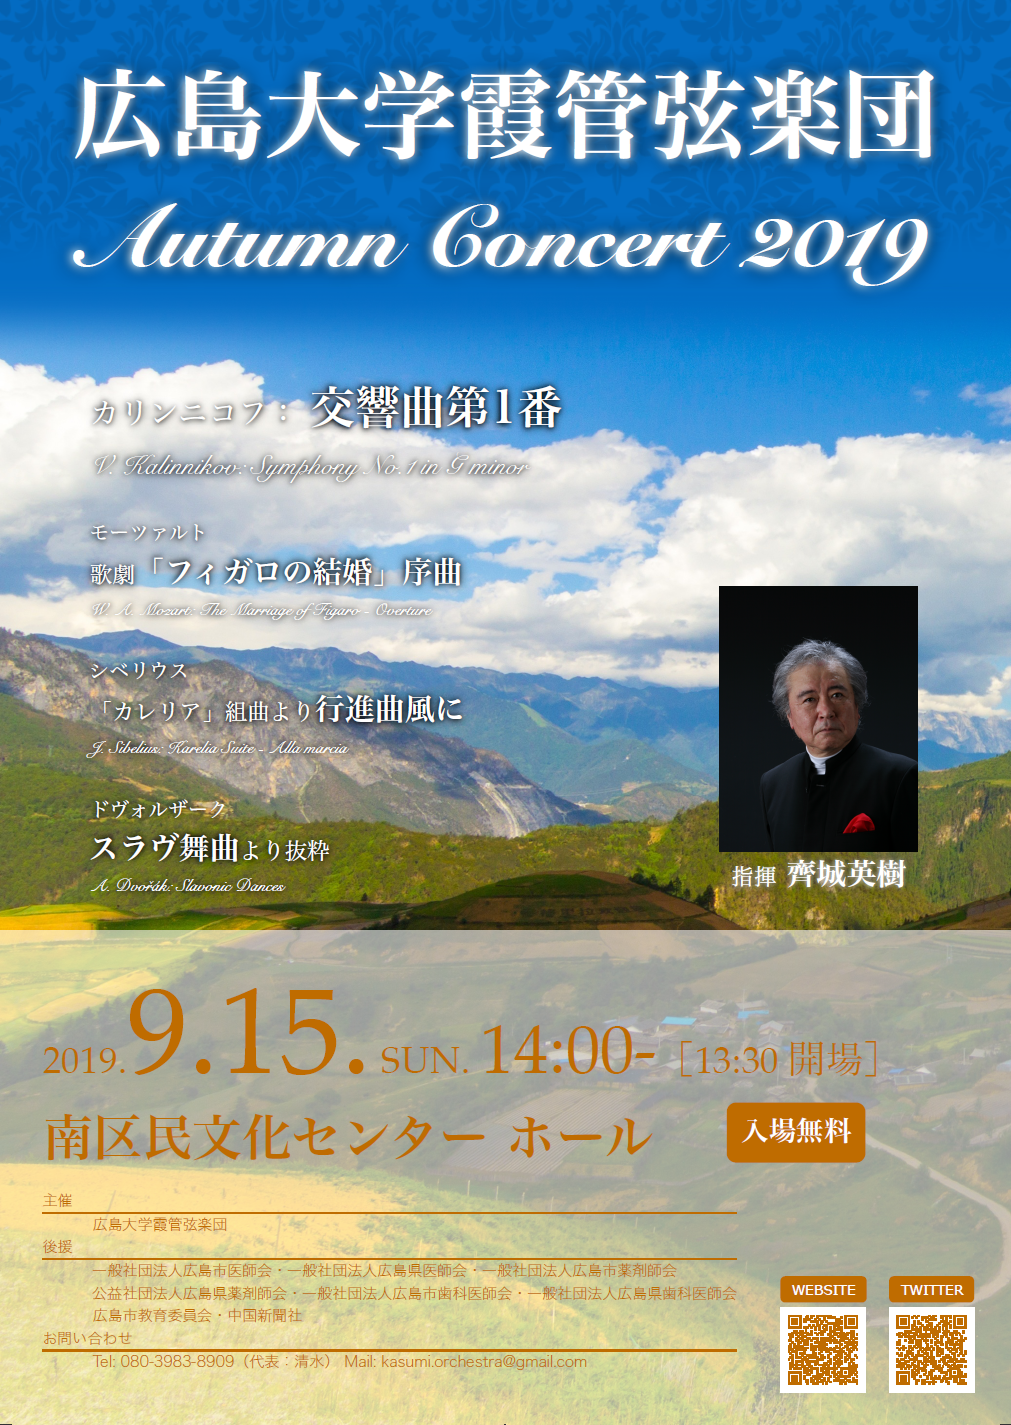 広島大学霞管弦楽団 Autumn Concert 2019 を開催します!【広島大学霞管弦楽団】